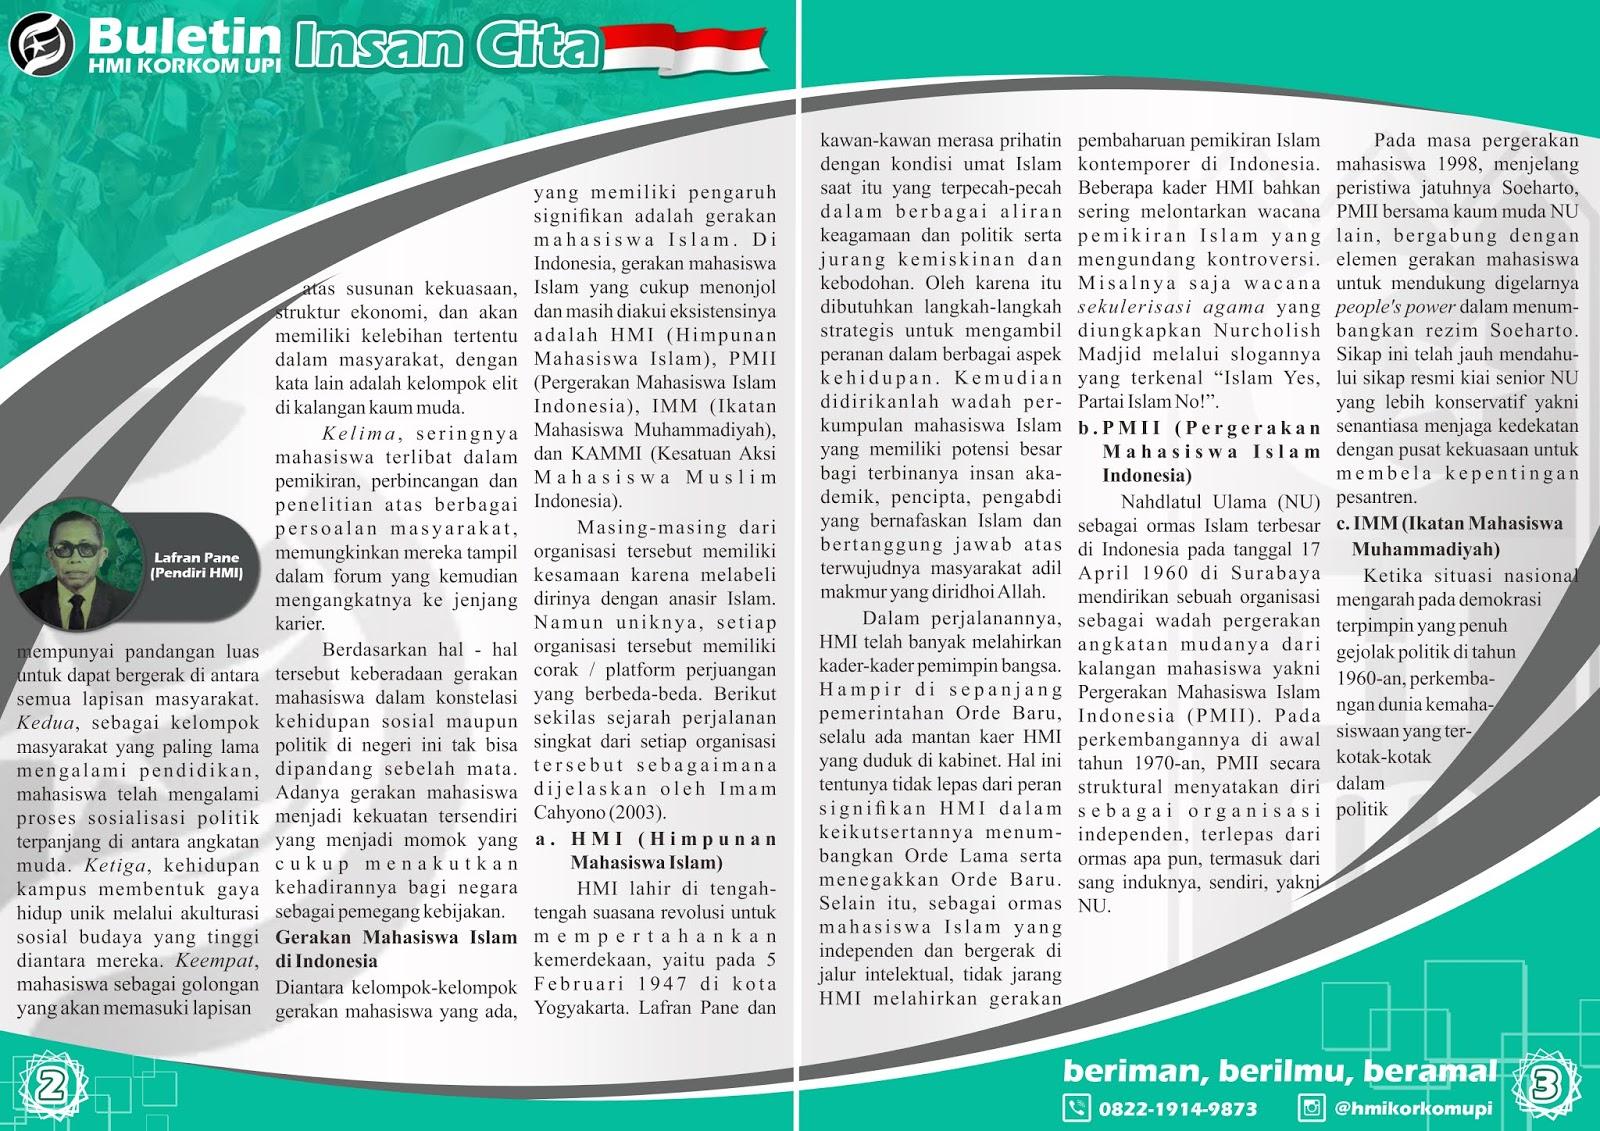 MAHASISWA ISLAM DAN PERGERAKAN Buletin 002 2